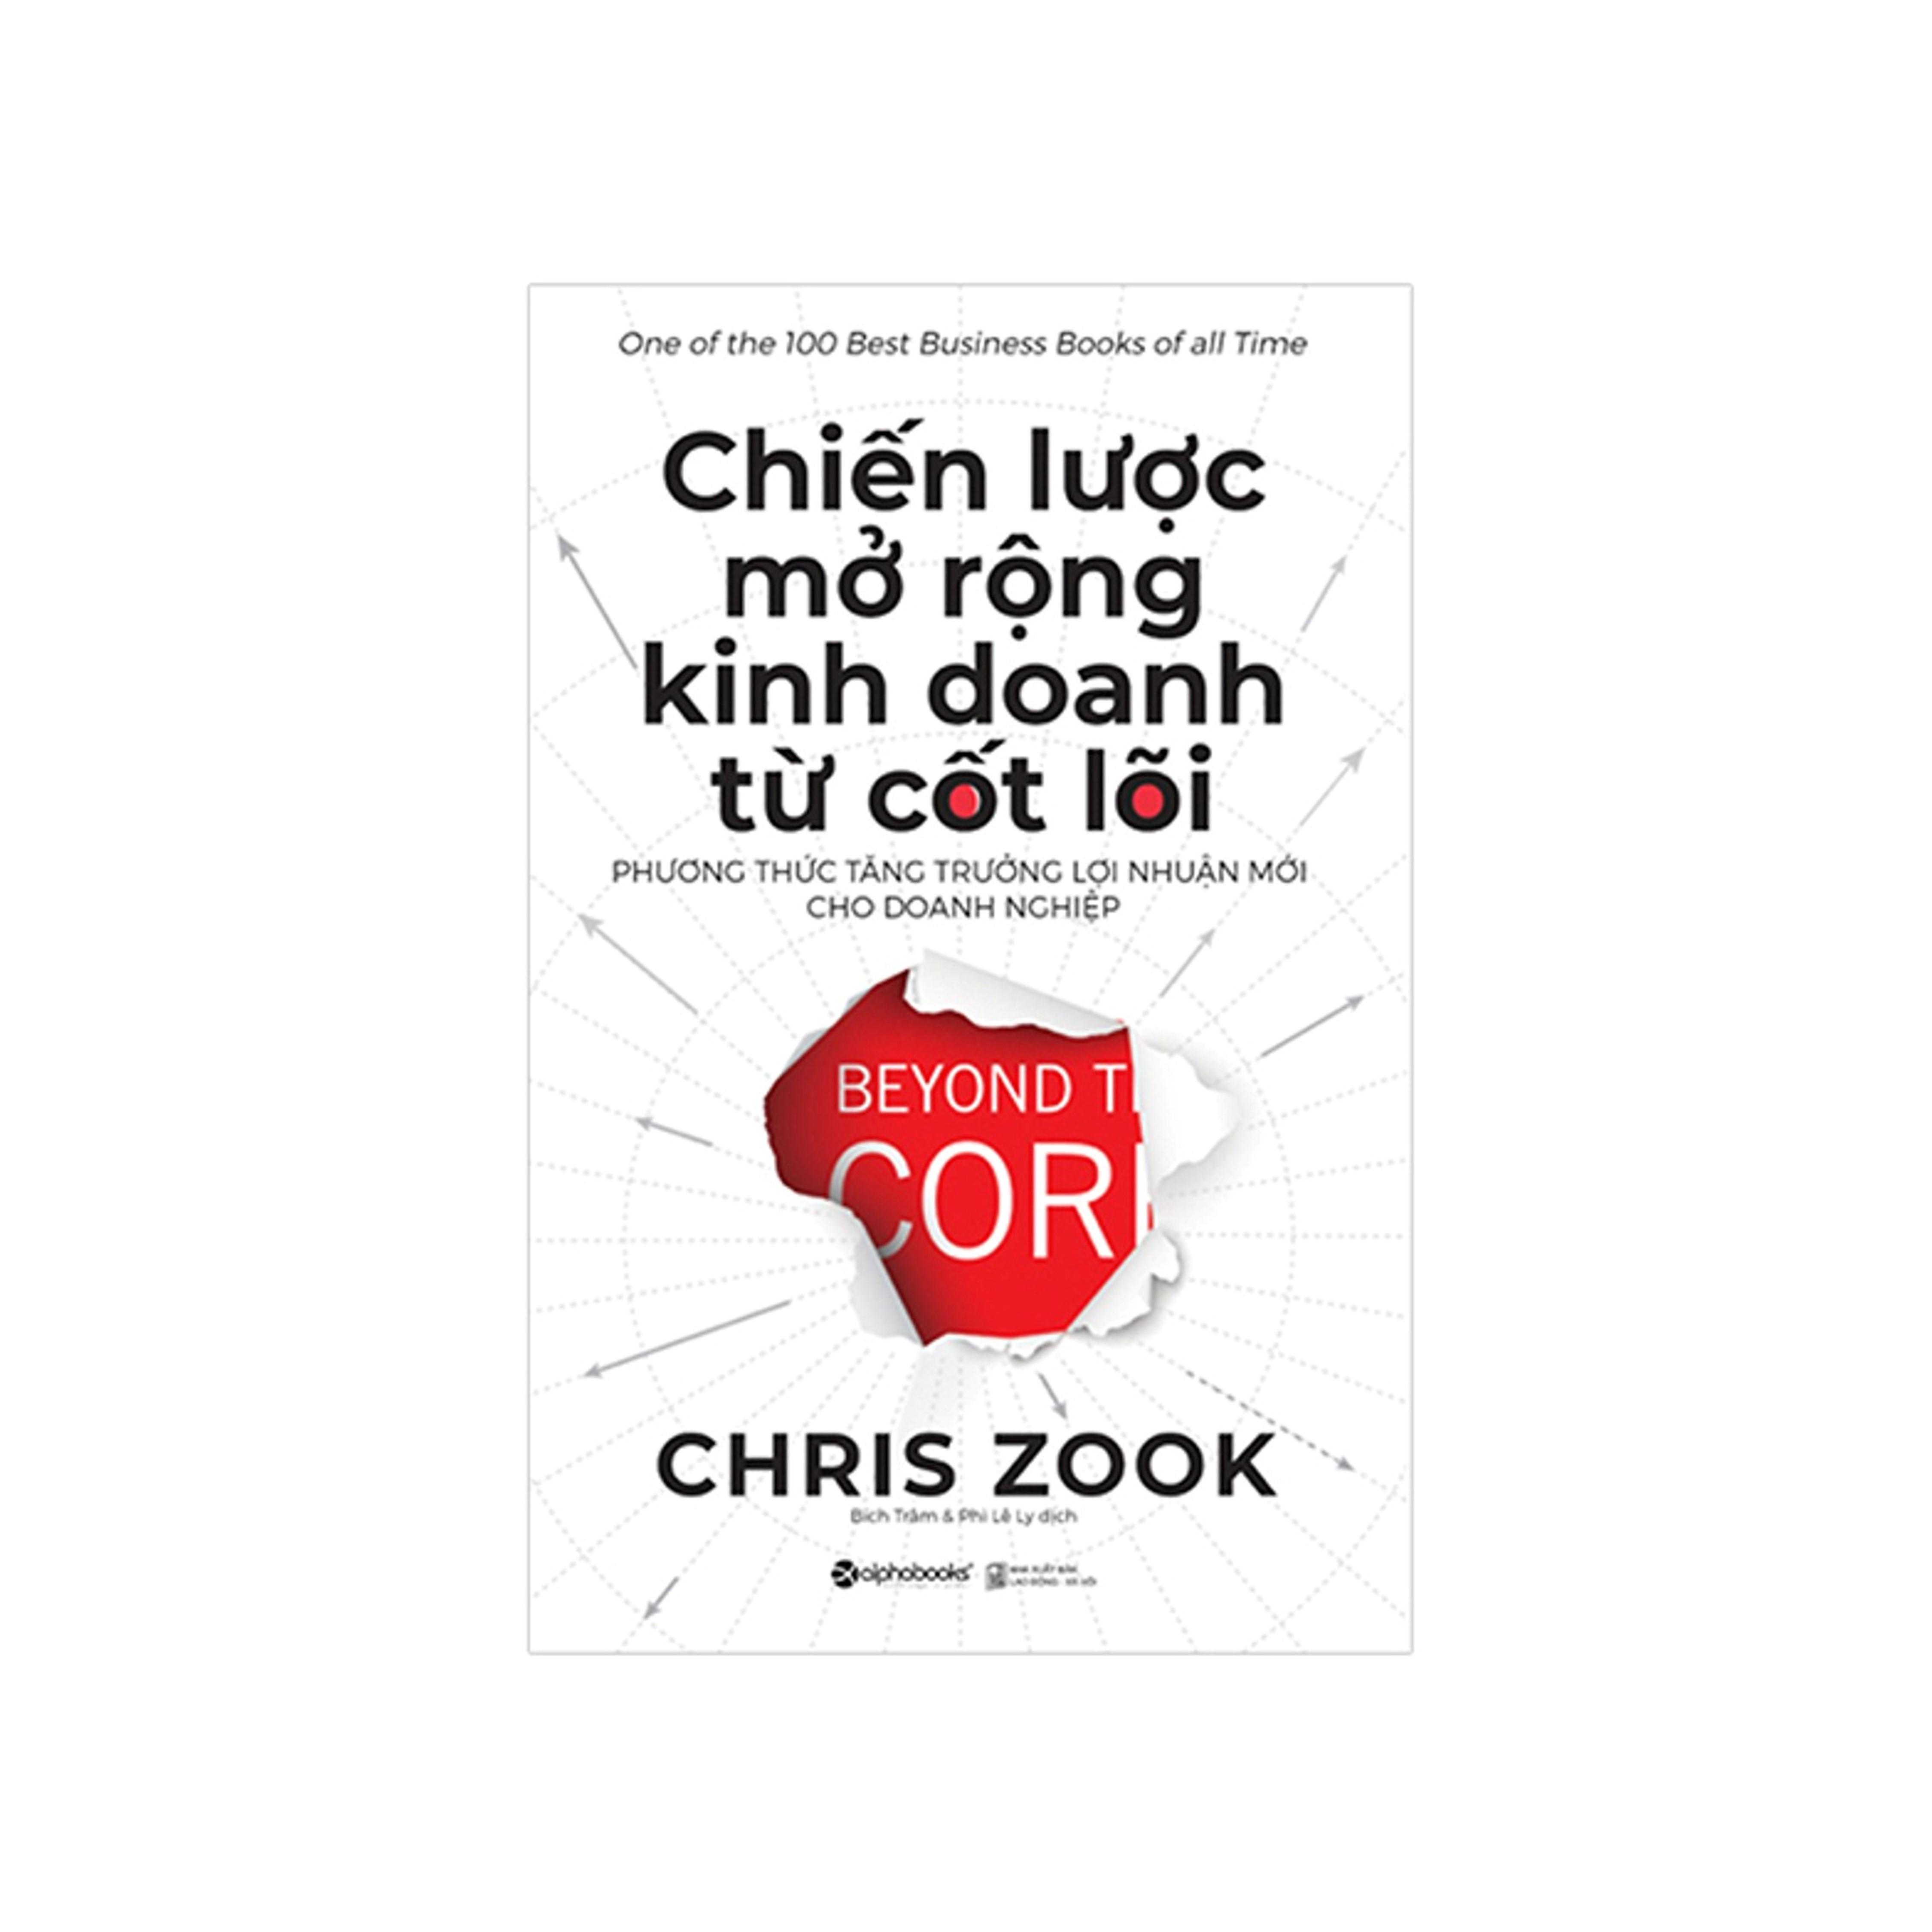 Combo Sách Kĩ Năng Kinh Doanh: Chiến Lược Mở Rộng Kinh Doanh Từ Cốt Lõi + Tất Tần Tật Về Quản Lý Dự Án